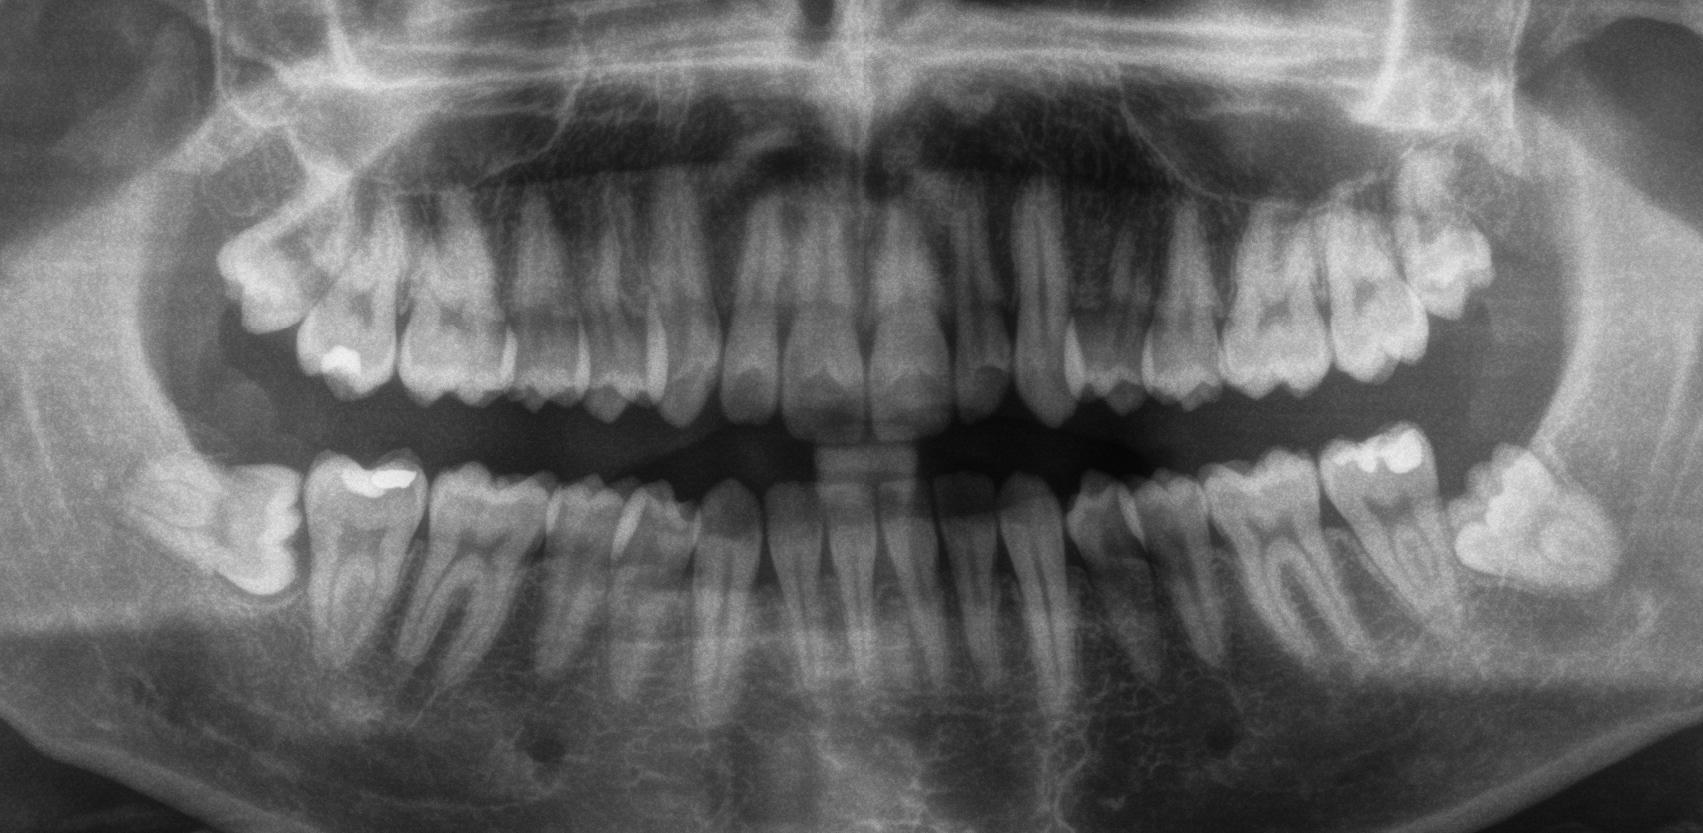 Denti del giudizio estrazione tutti insieme o uno per volta?